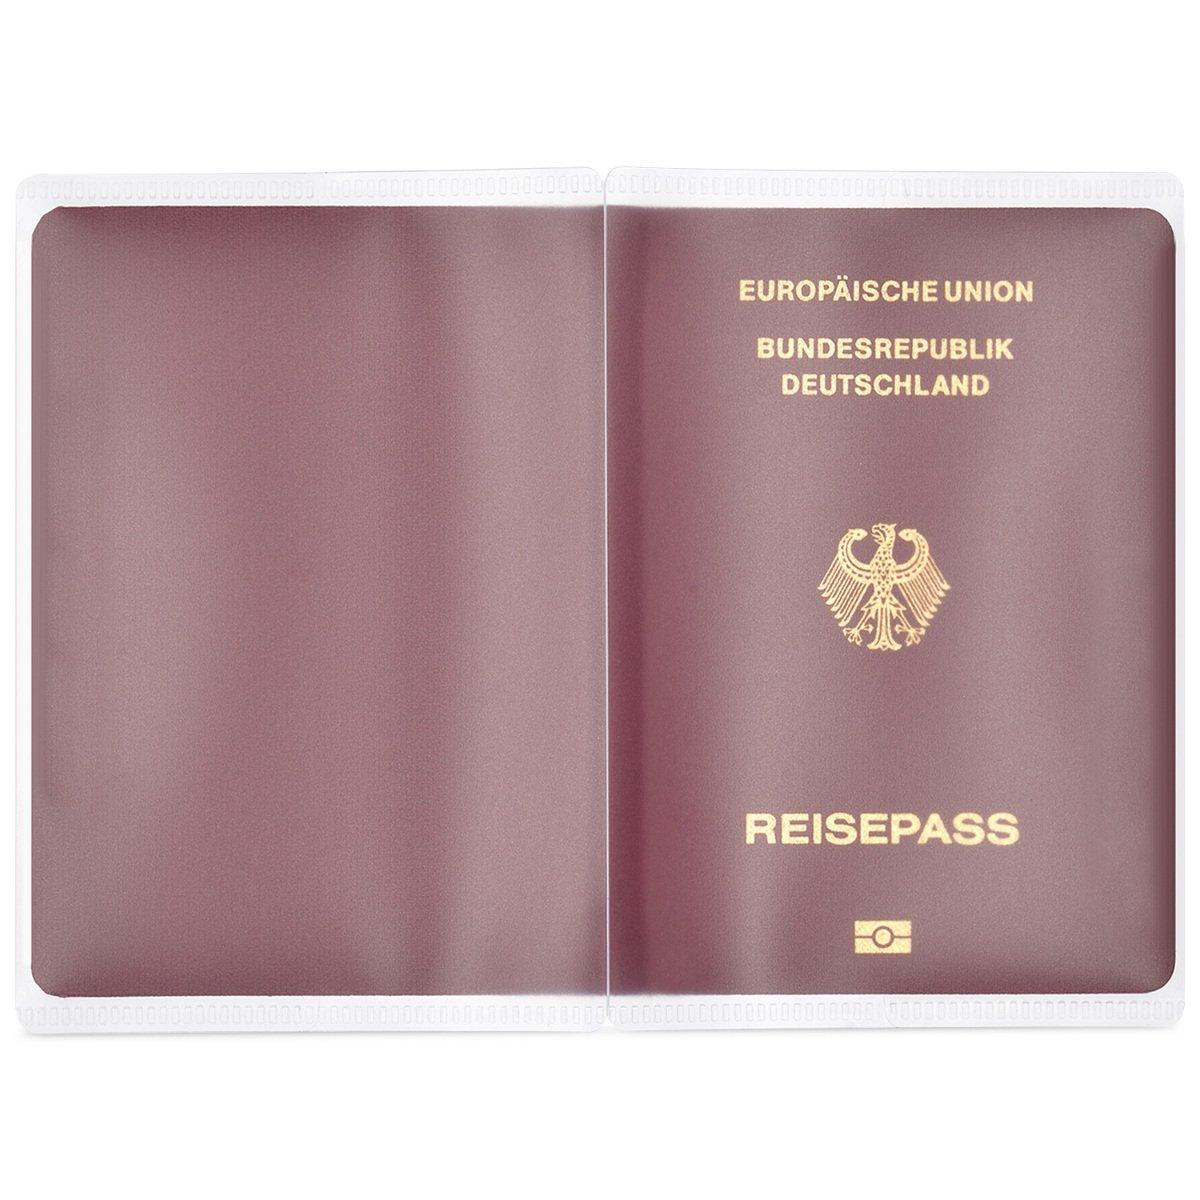 kwmobile 5X Housse de Protection pour Passeport en Plastique Transparent Transparente Carte didentit/é